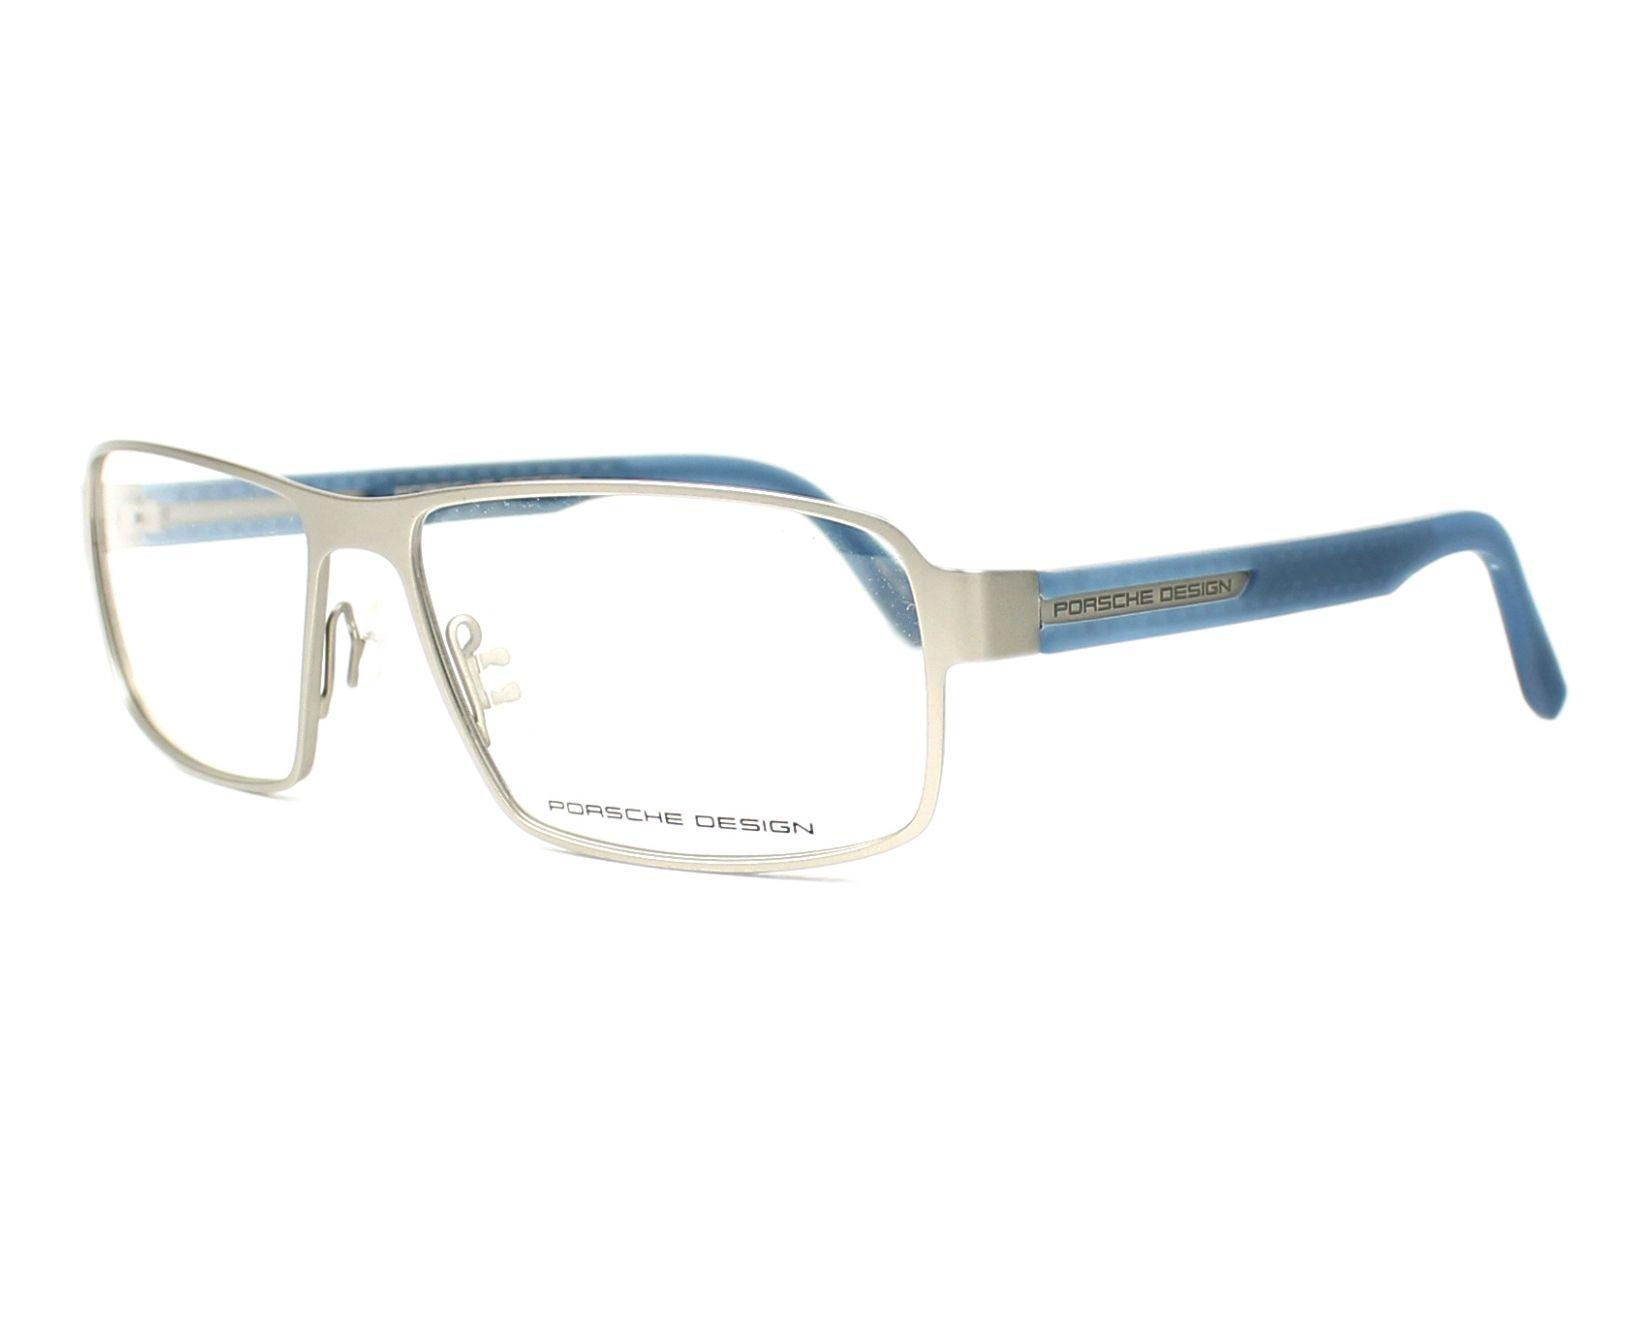 7cee8d7abc9b74 Lunettes de vue Porsche Design P-8231 D - Argent Bleu vue de profil